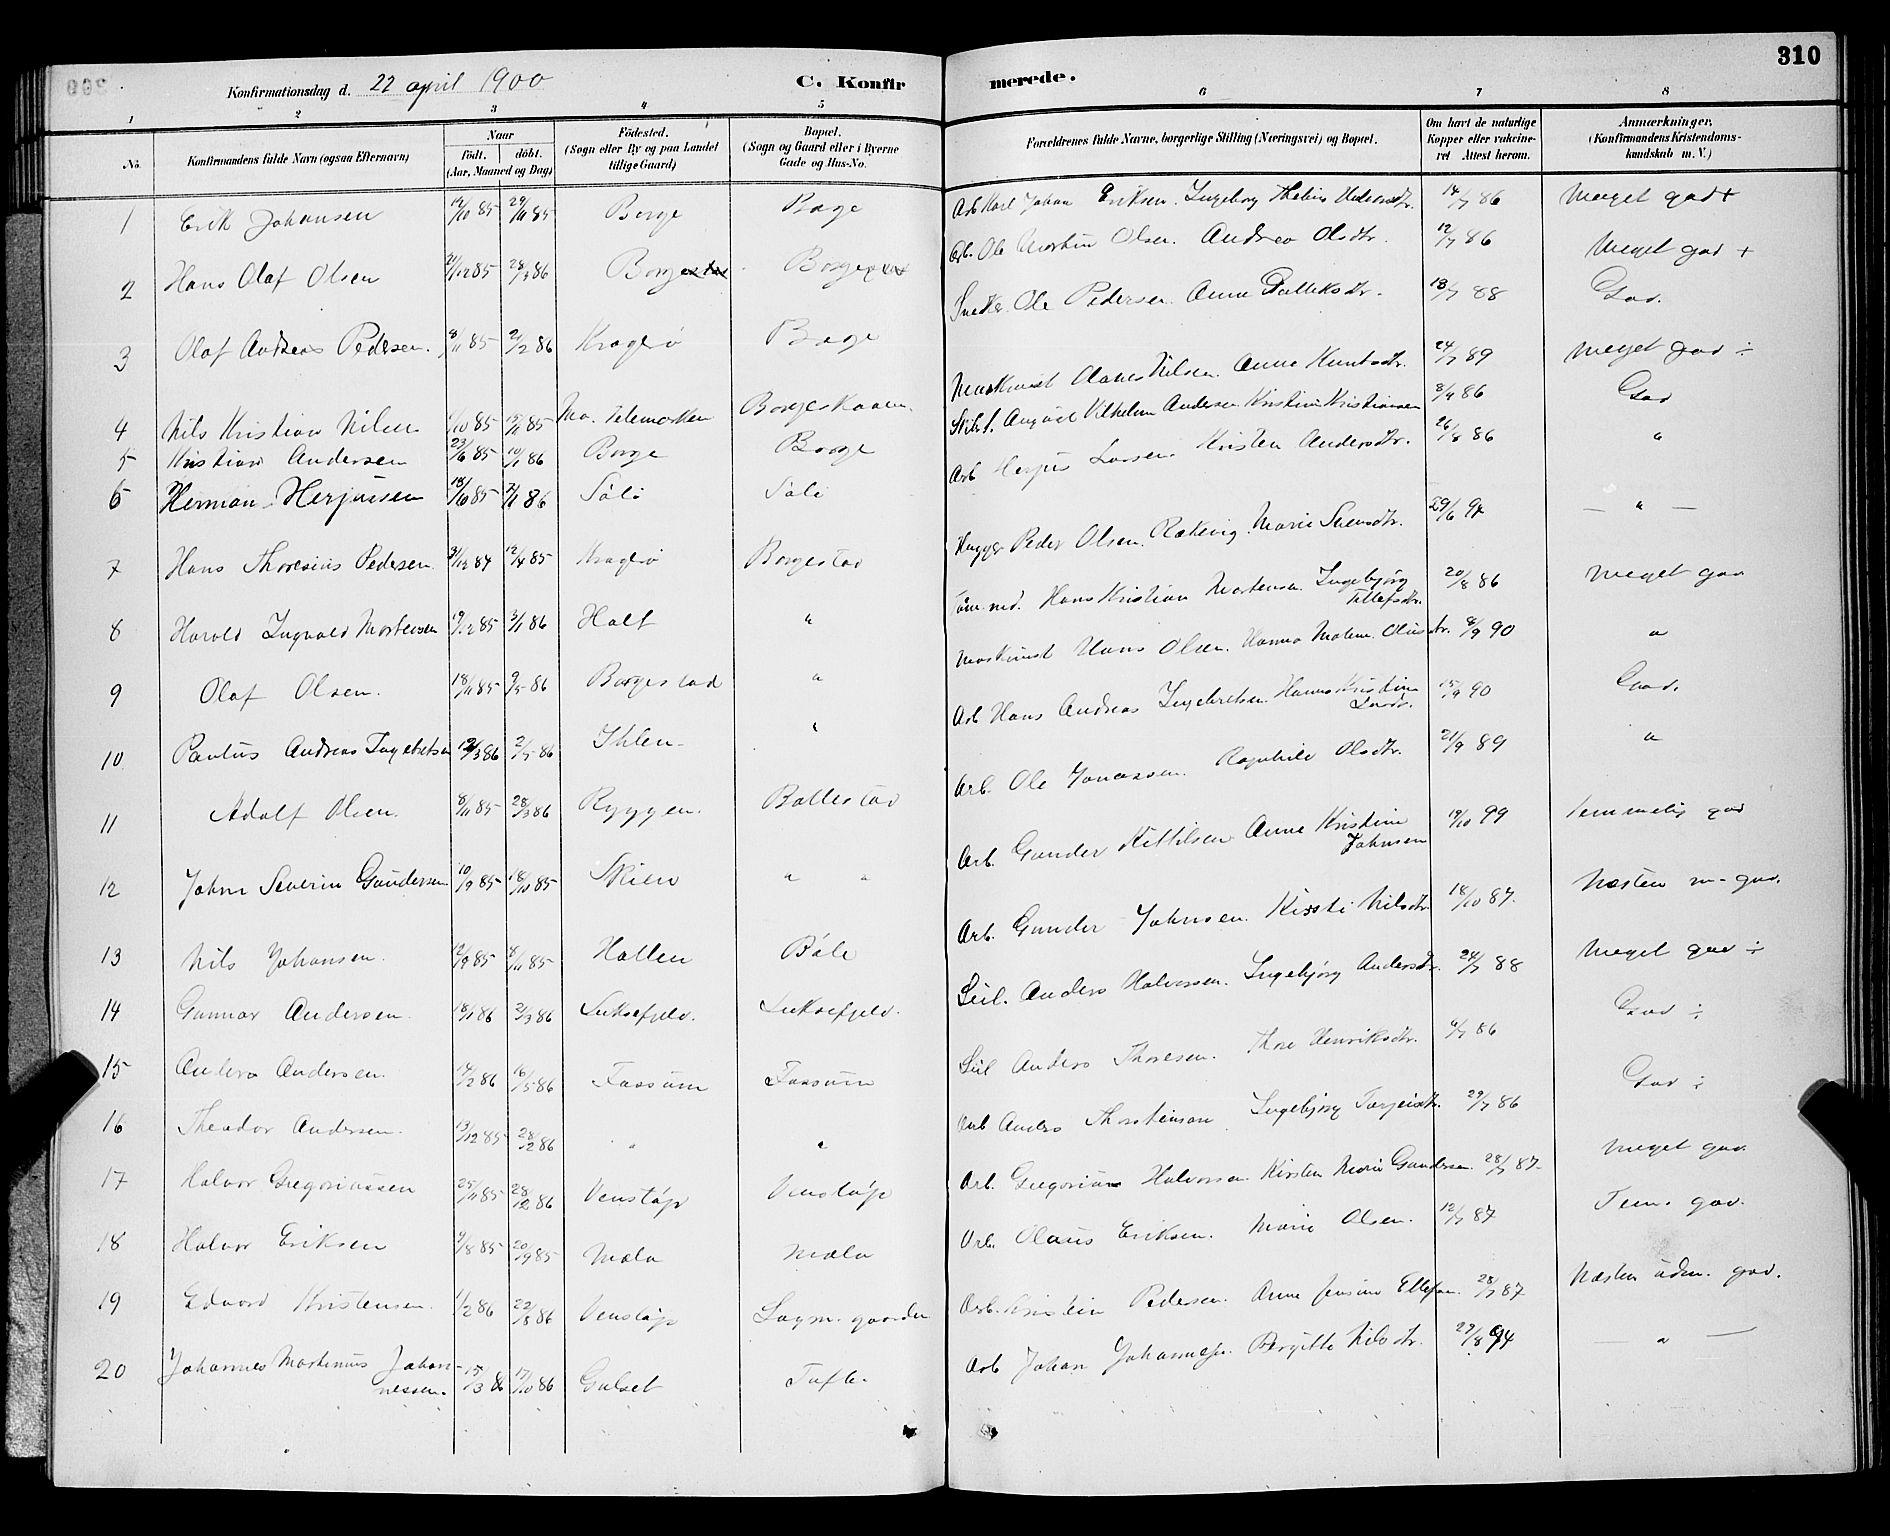 SAKO, Gjerpen kirkebøker, G/Ga/L0002: Klokkerbok nr. I 2, 1883-1900, s. 310